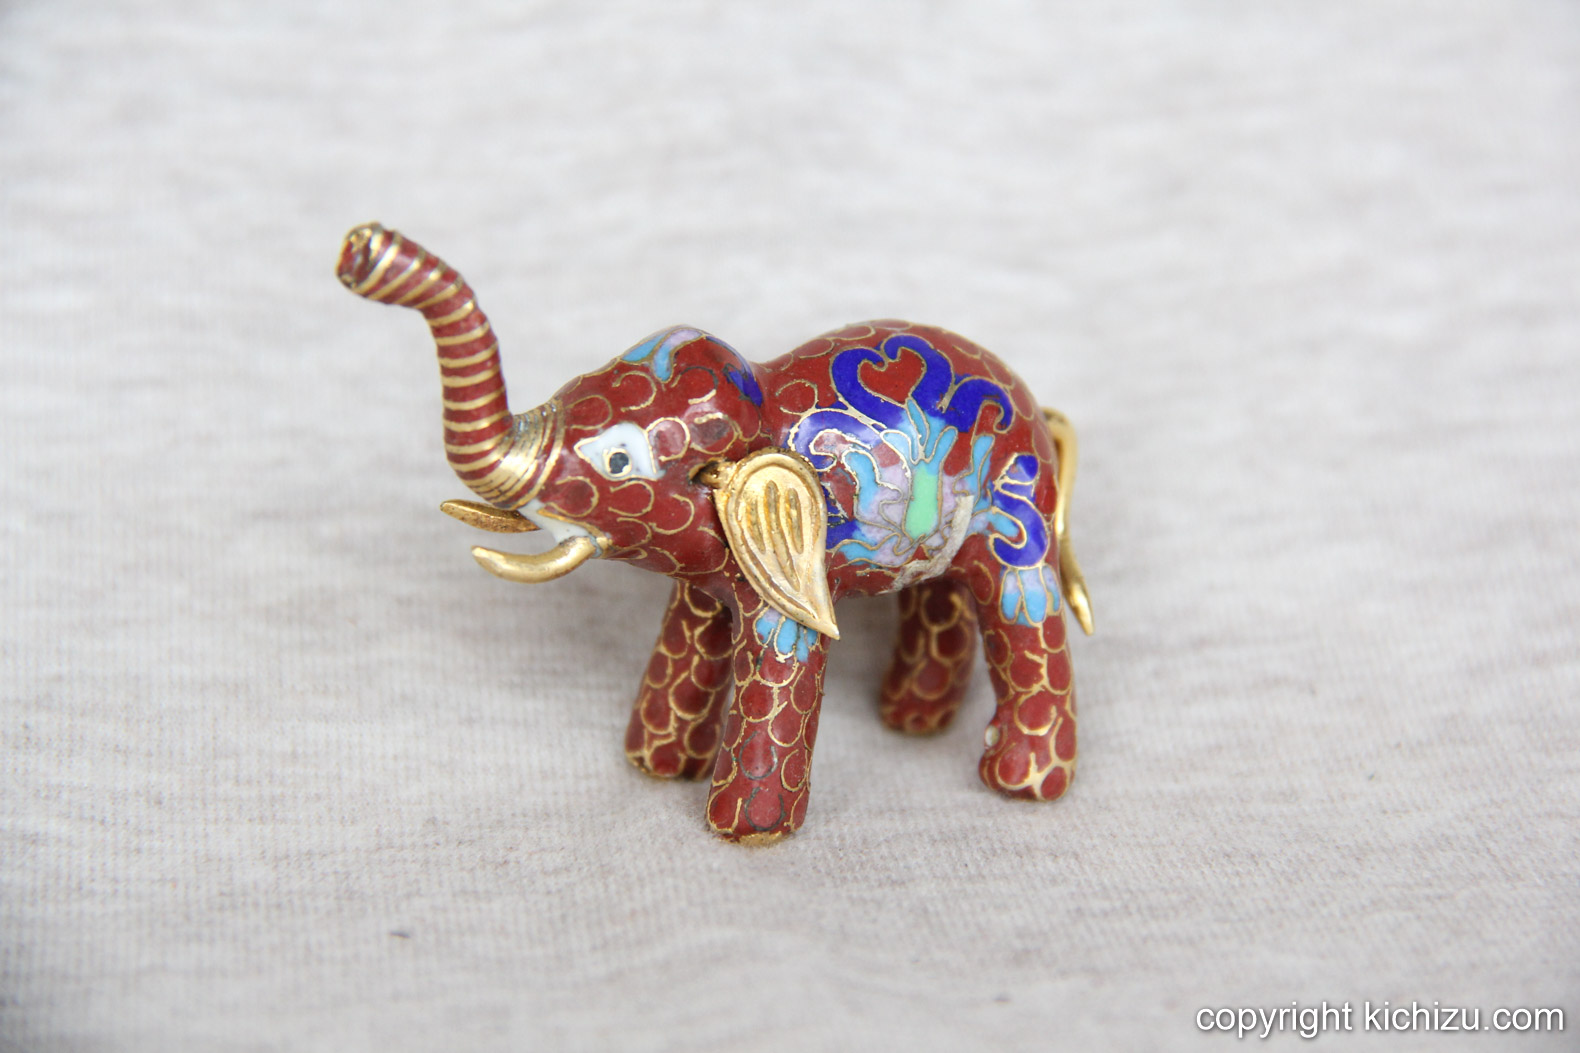 インドを思わせる配色のぞう。耳の形に特徴ある。